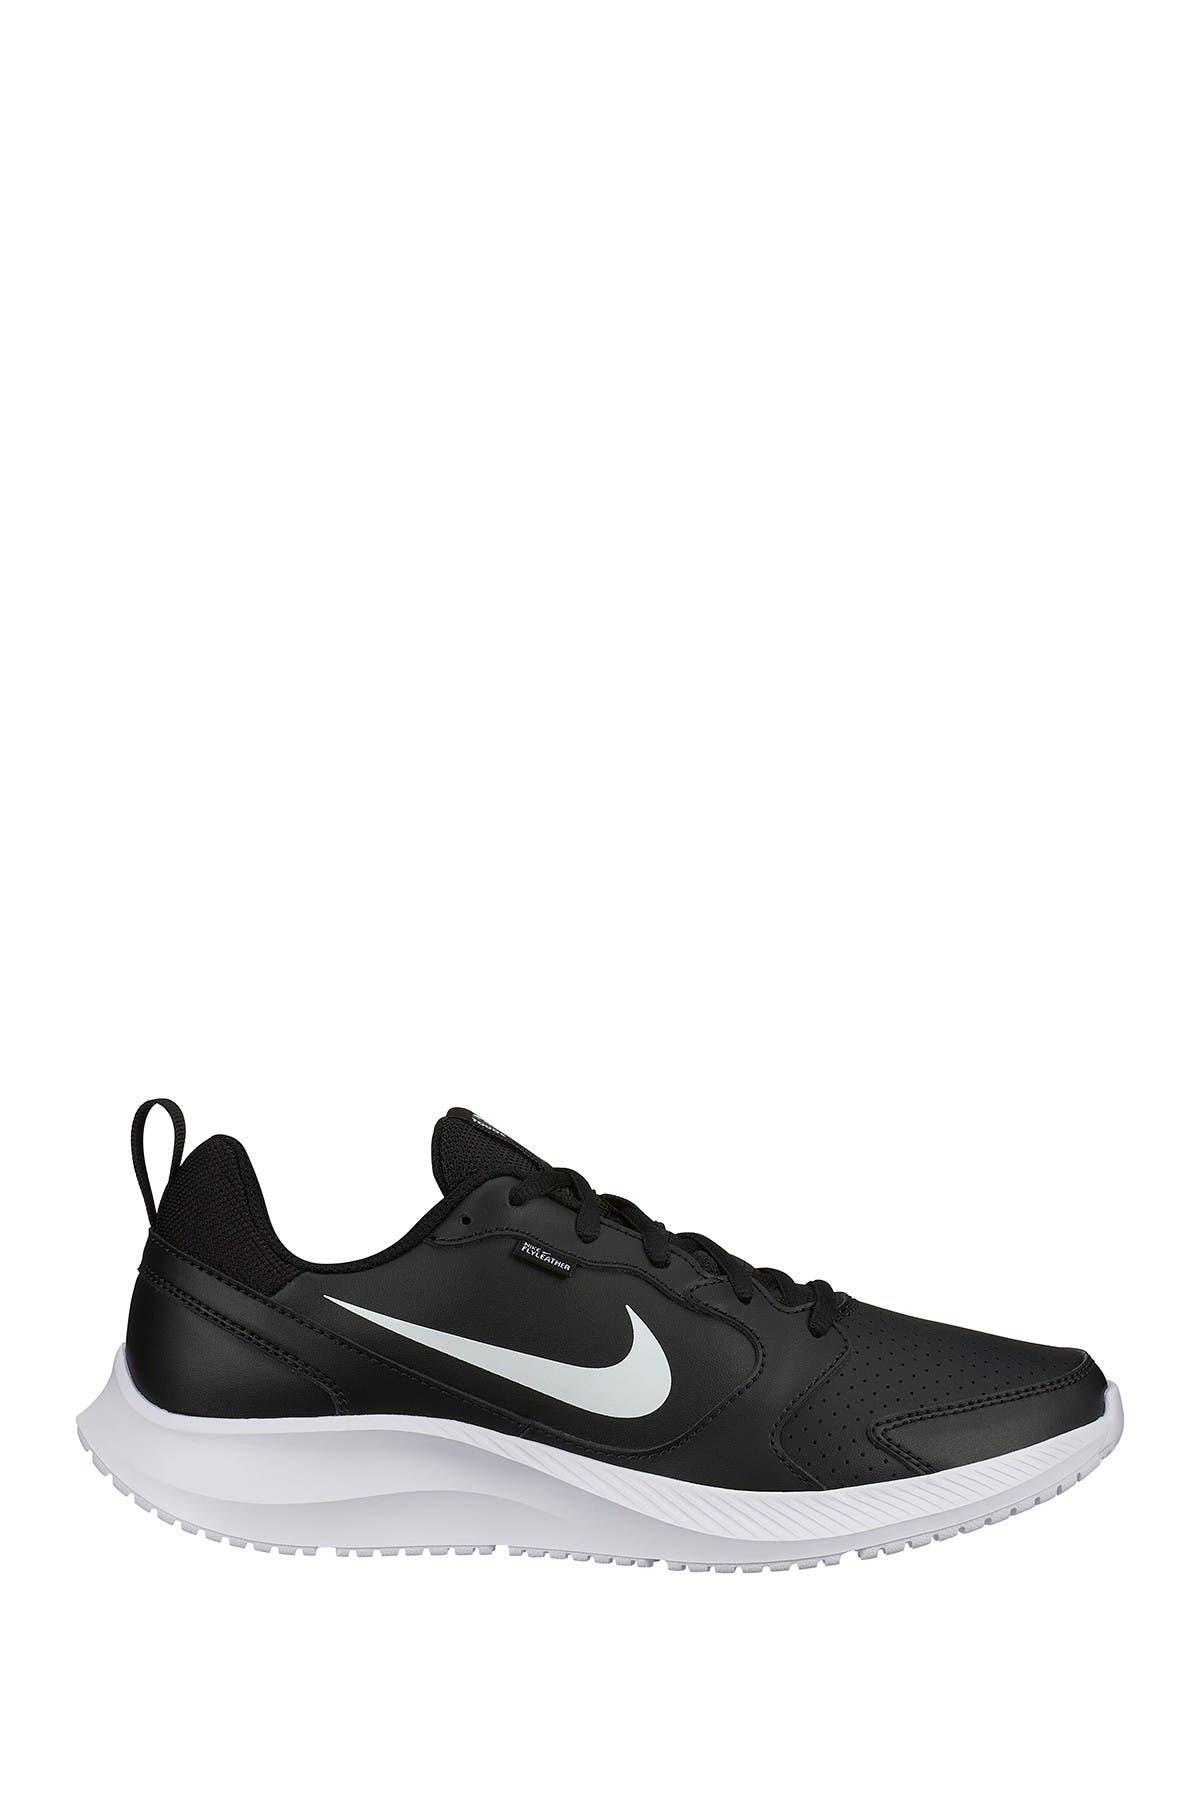 Nike | Todos Sneaker | Nordstrom Rack